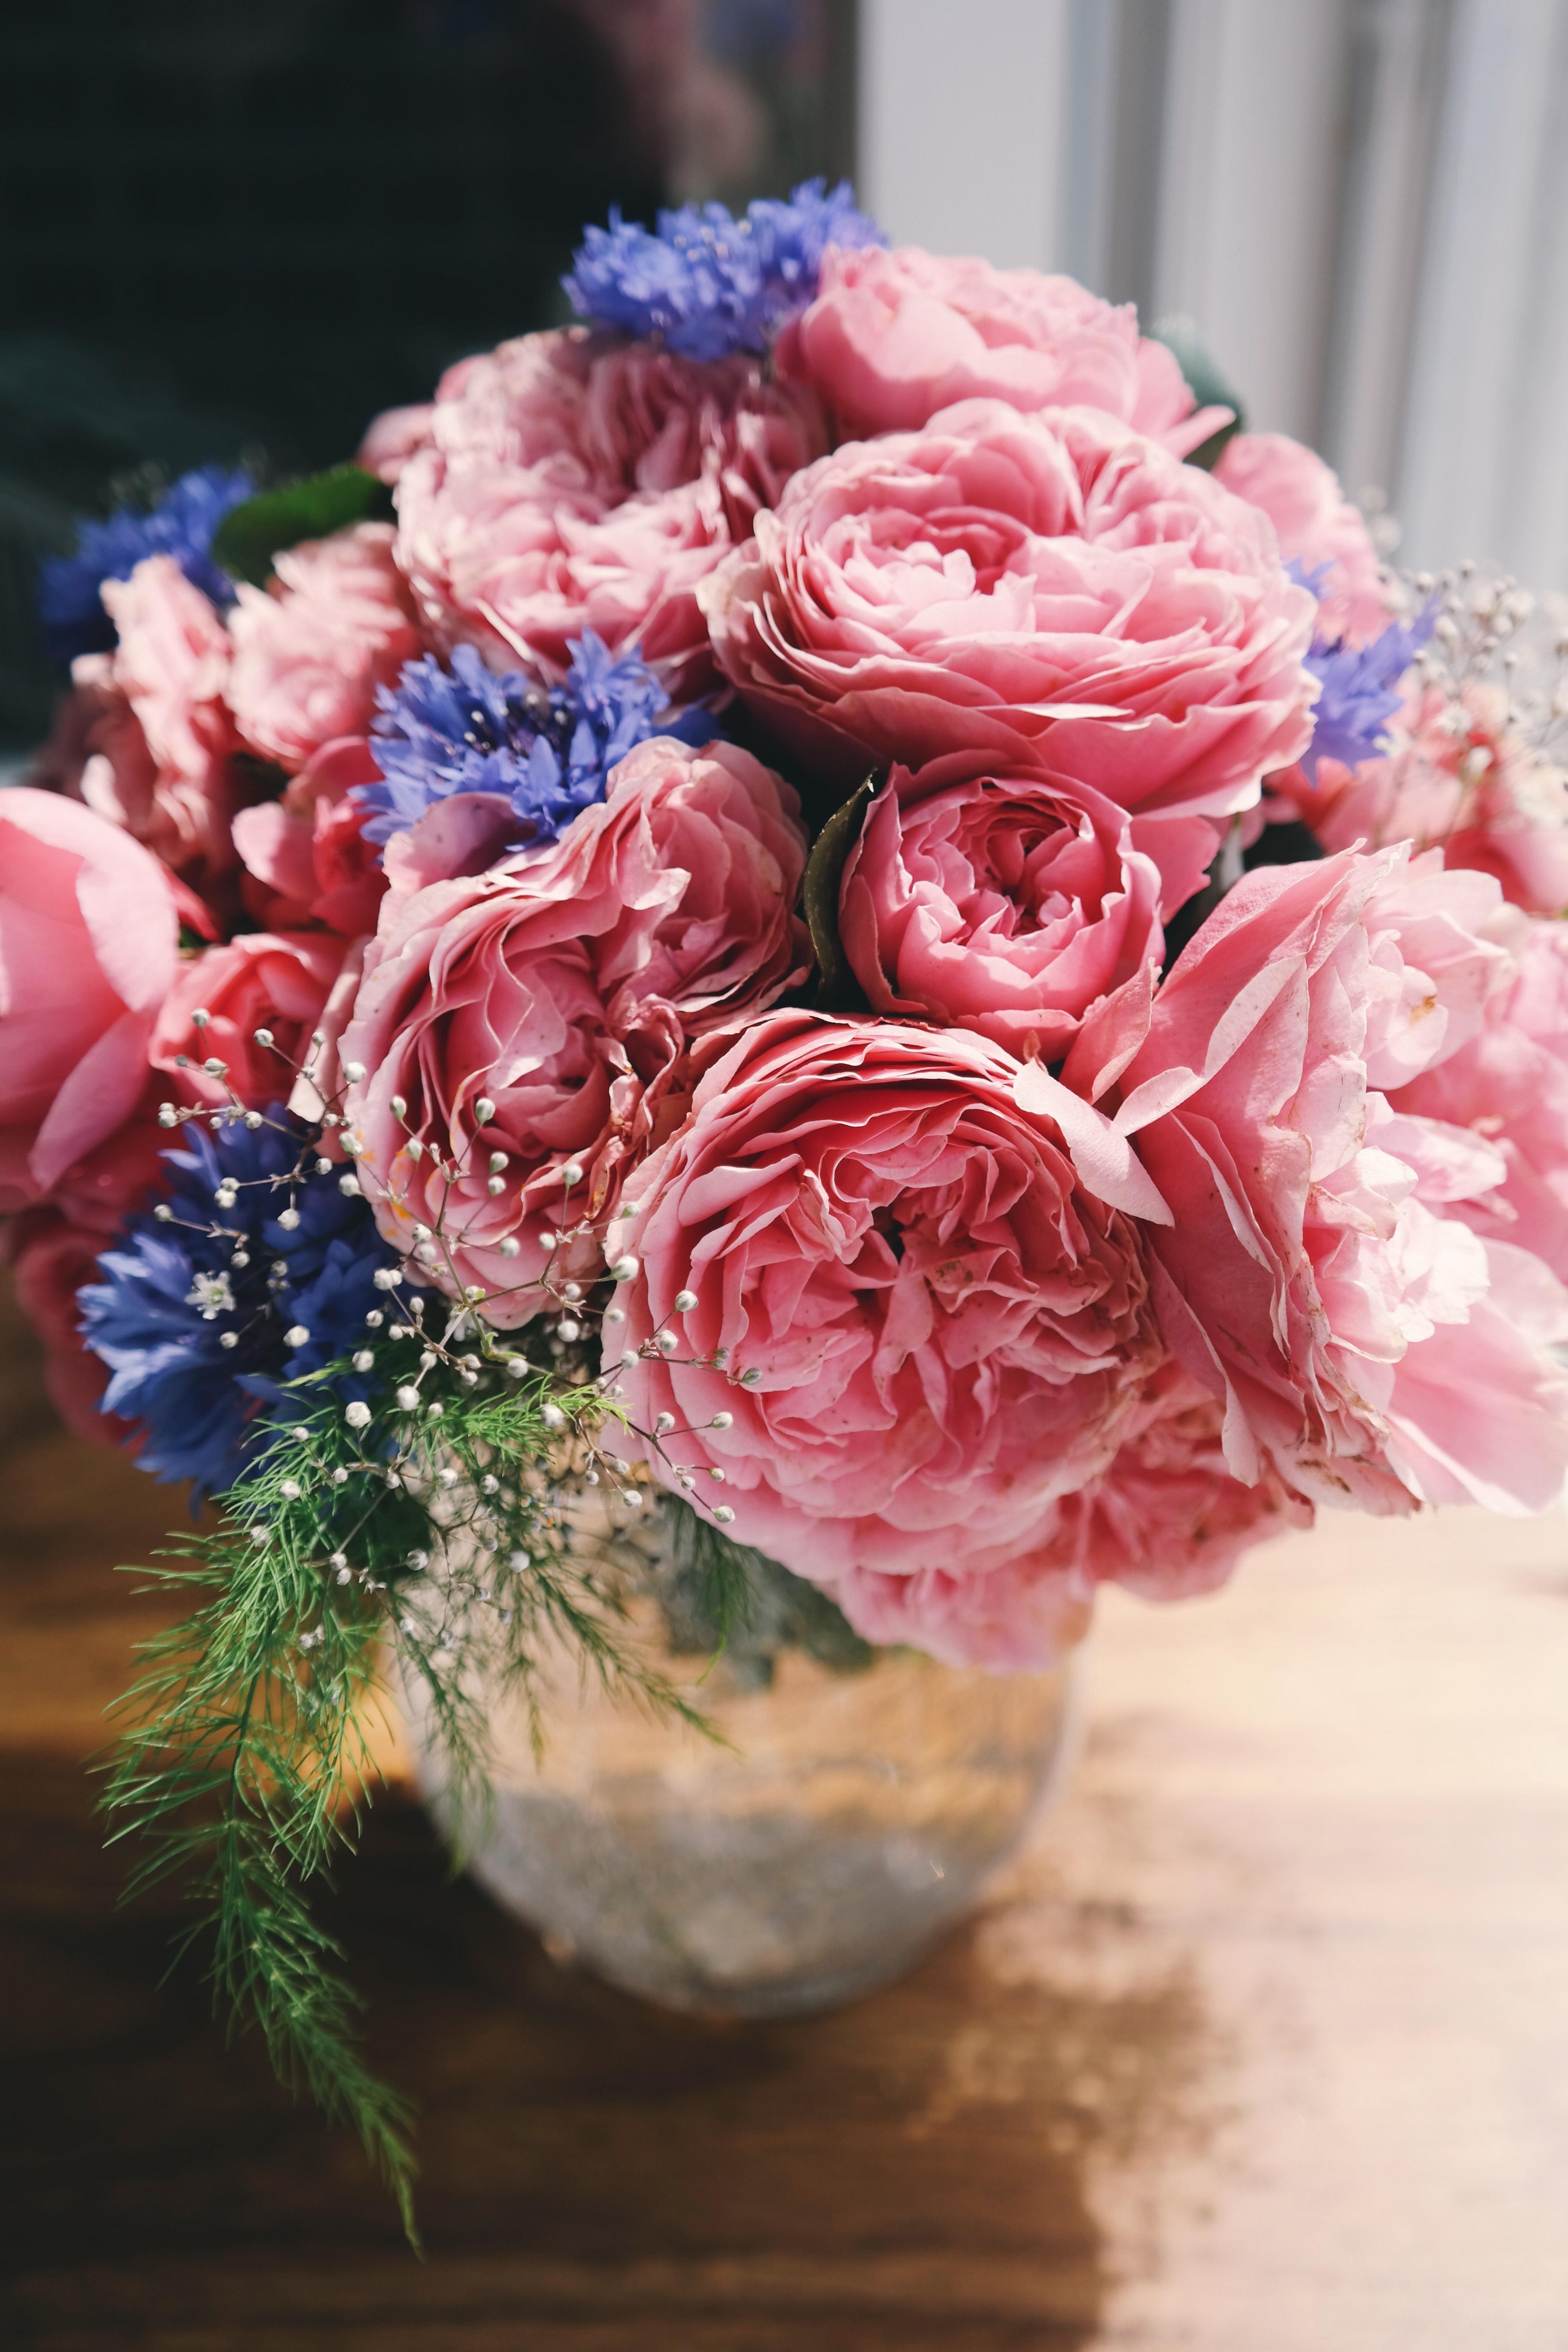 開花期は5~6月と短い間です。そのため花屋さんで国産のシャクヤクは、この期間のみの取り扱いのところがほとんど。